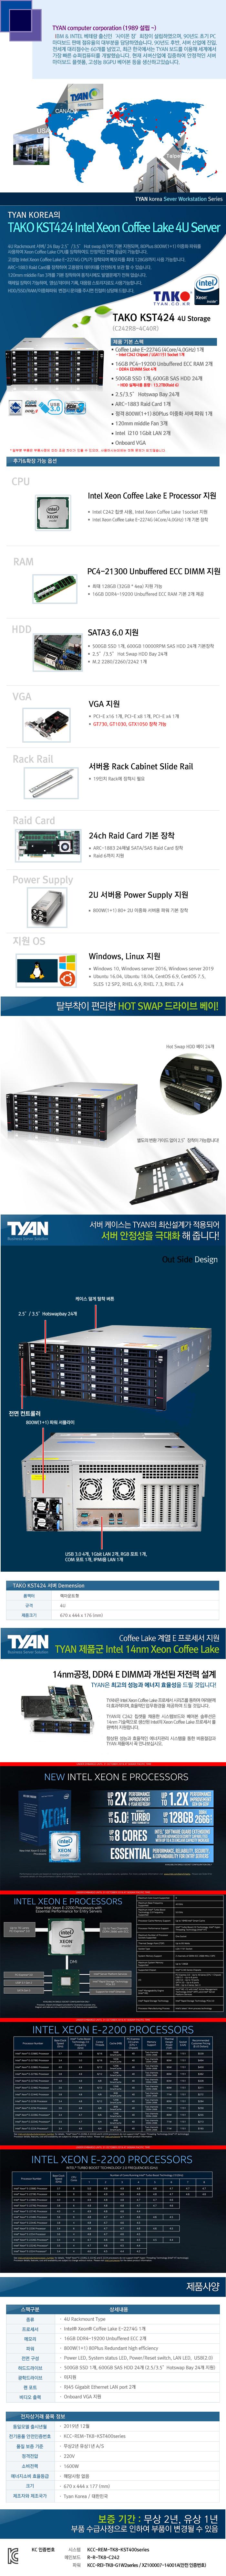 TYAN TAKO-KST424-(C242R8-4C40R) (32GB, SSD 500GB + 13TB)